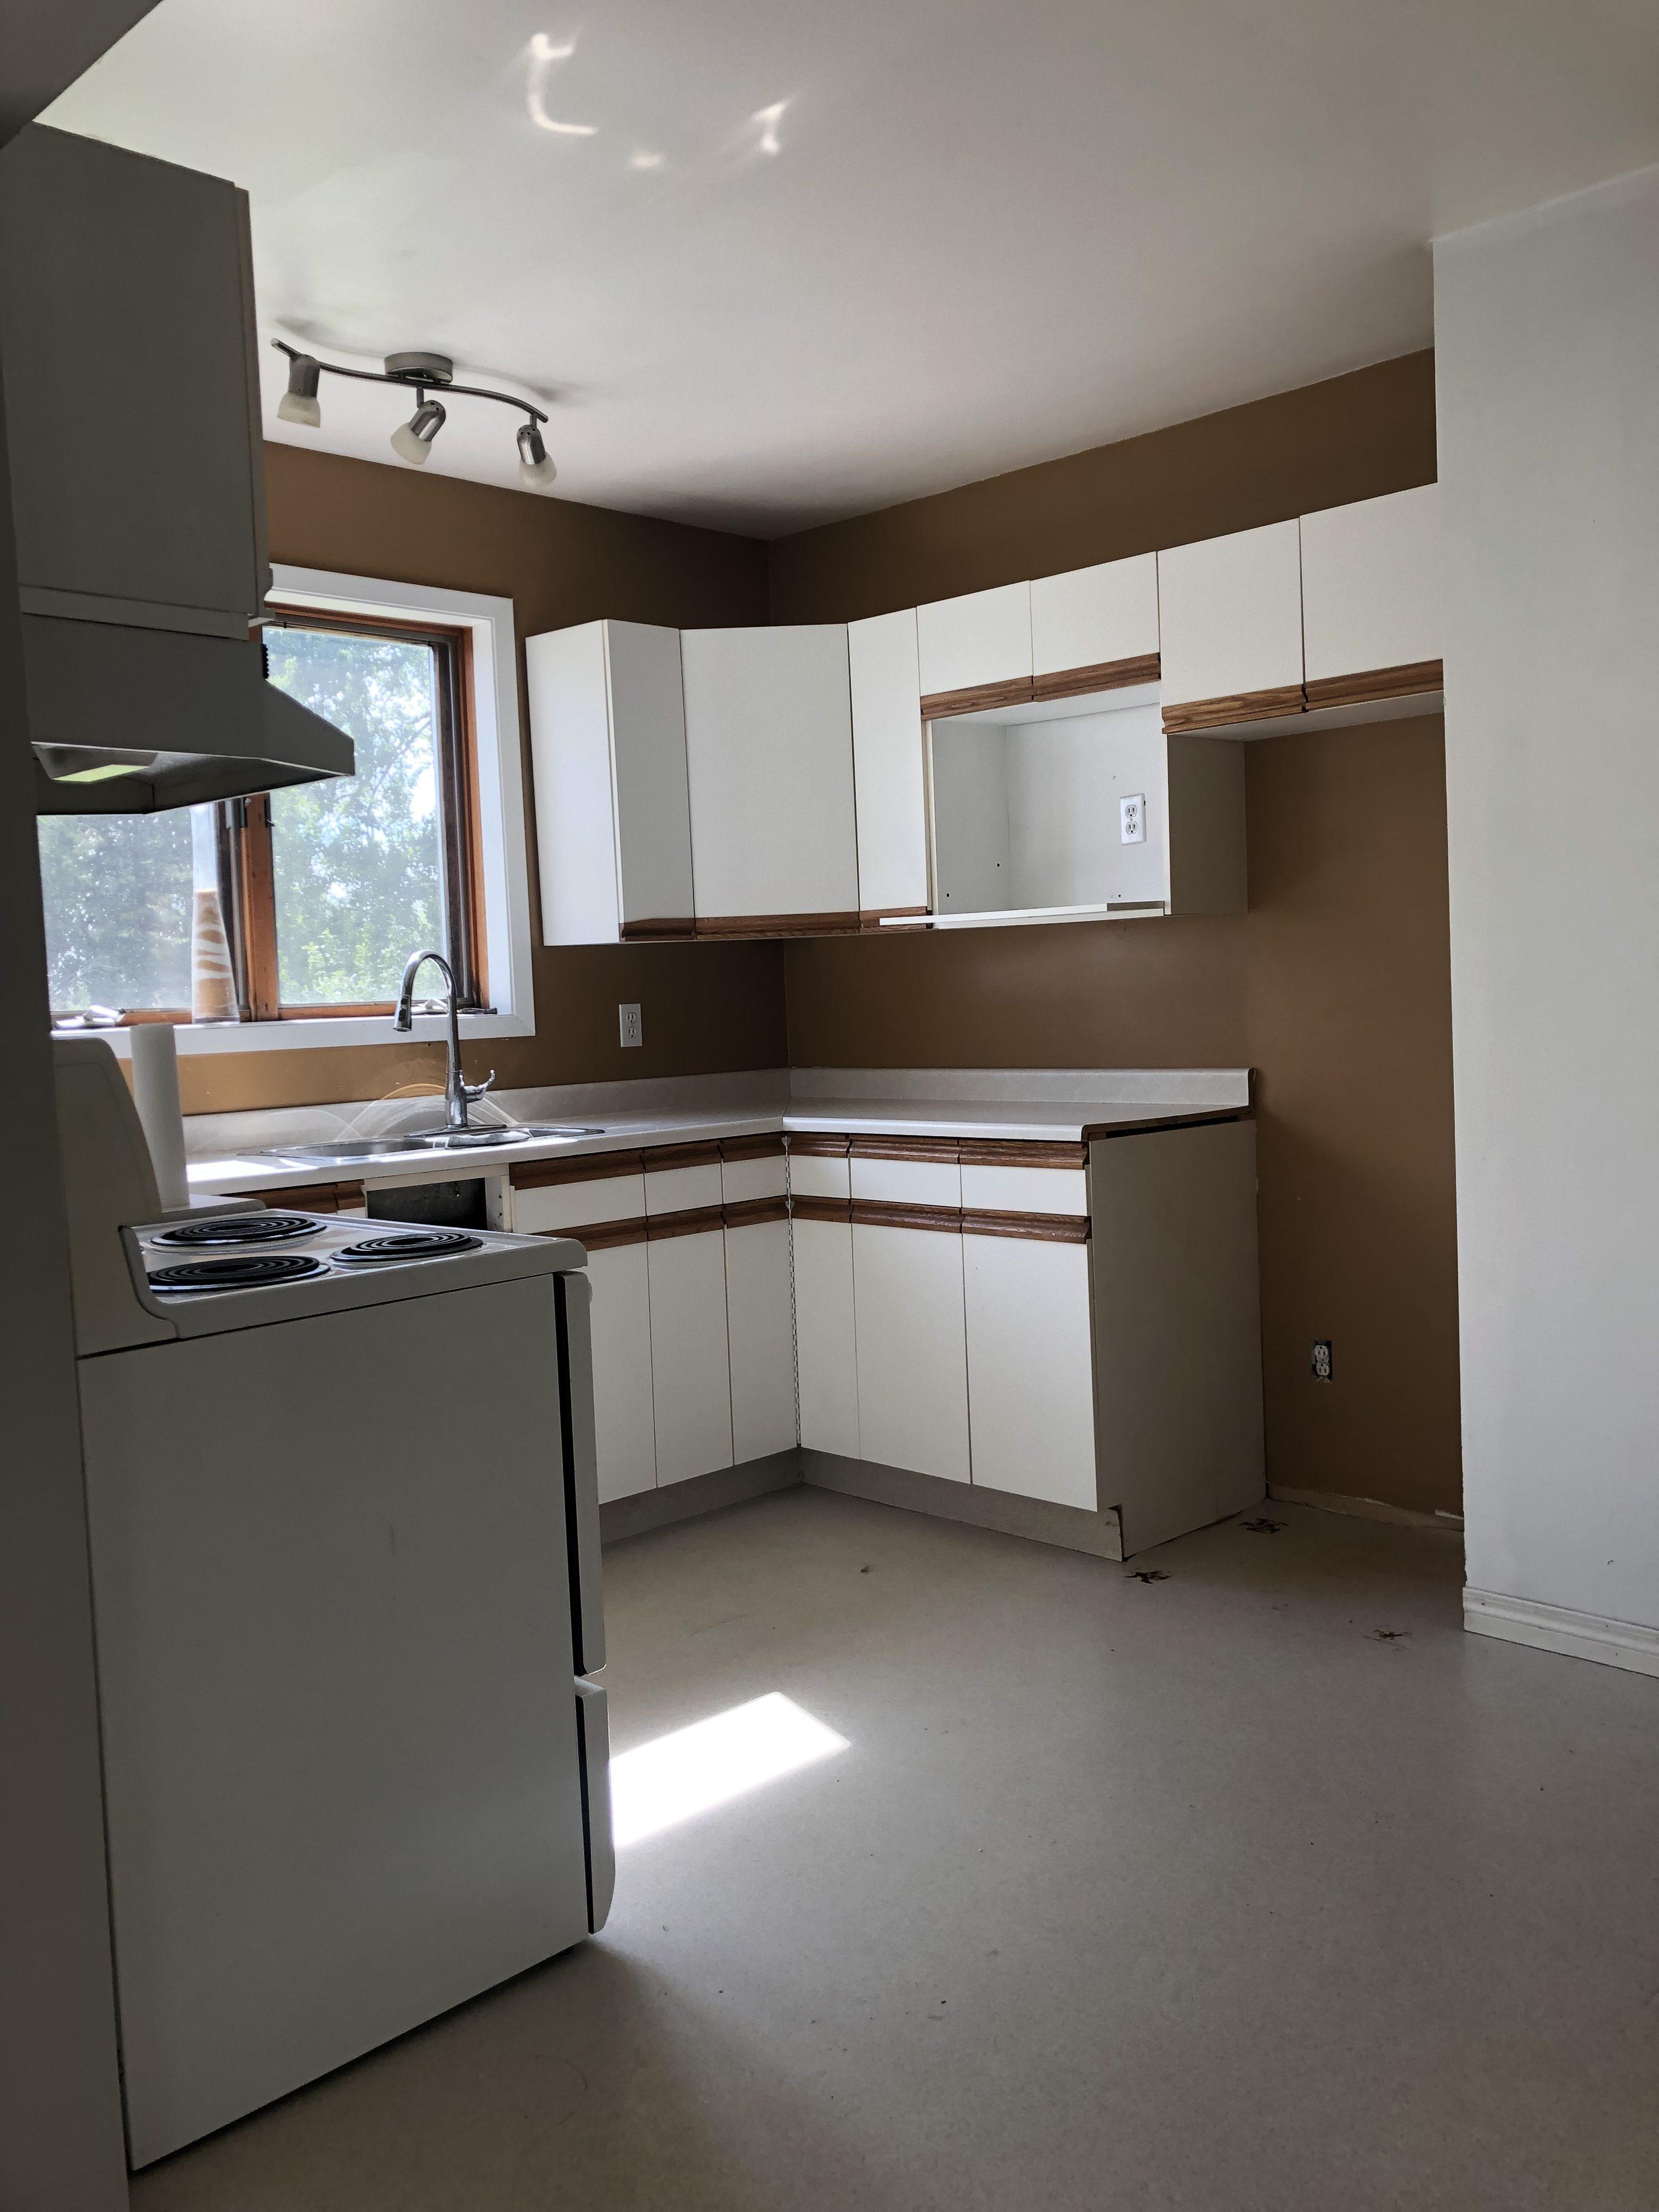 kitchen e1567778077176